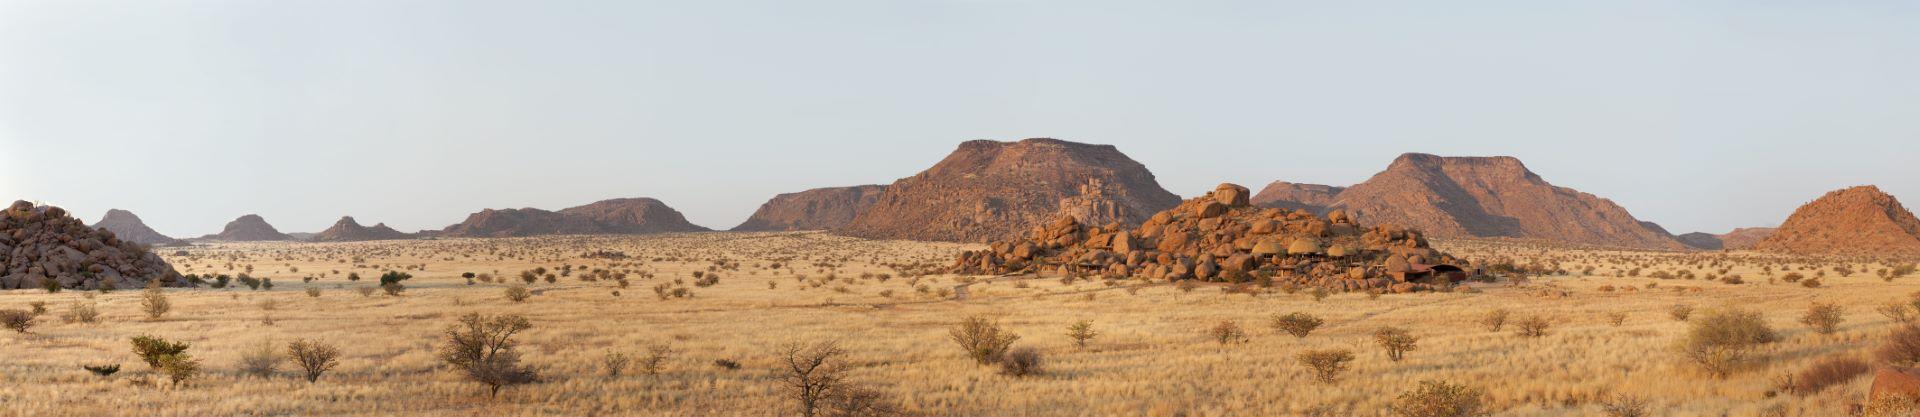 Panorámica de Damaraland